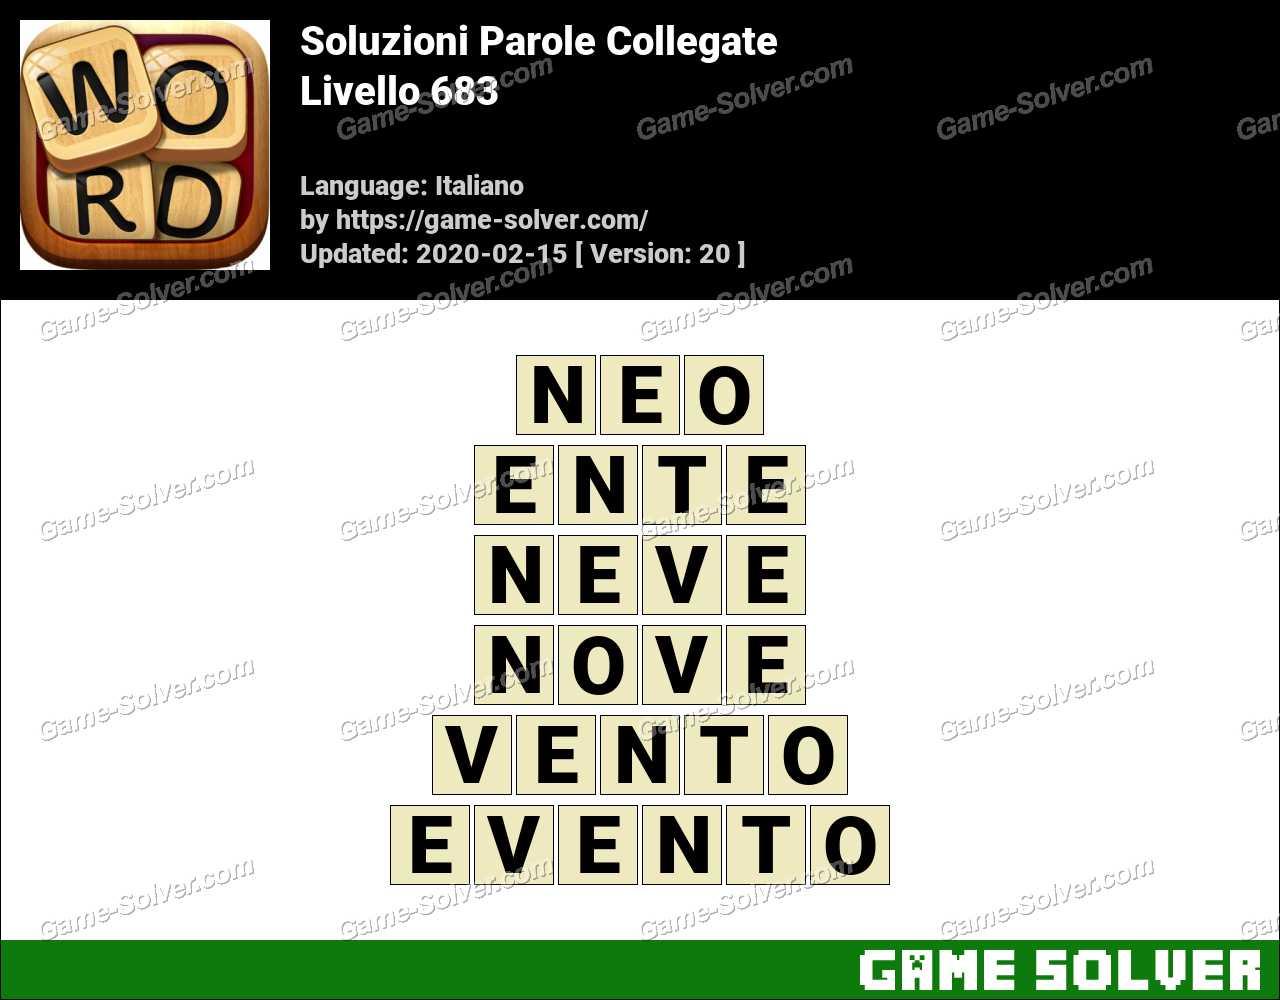 Soluzioni Parole Collegate Livello 683